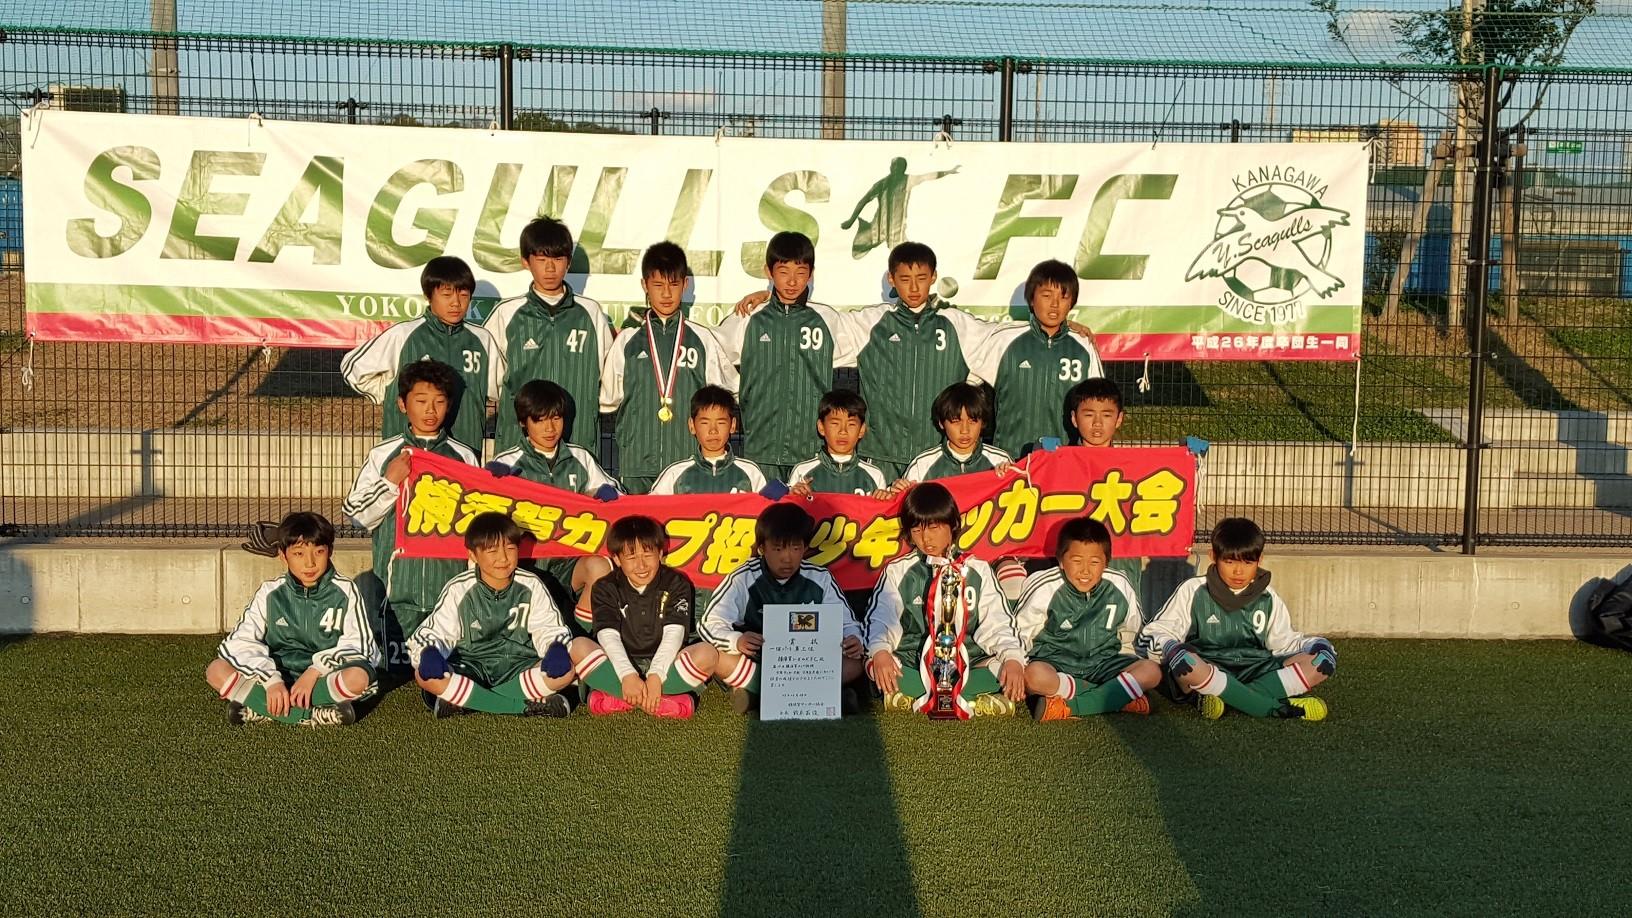 横須賀カップ U-12(6年生)